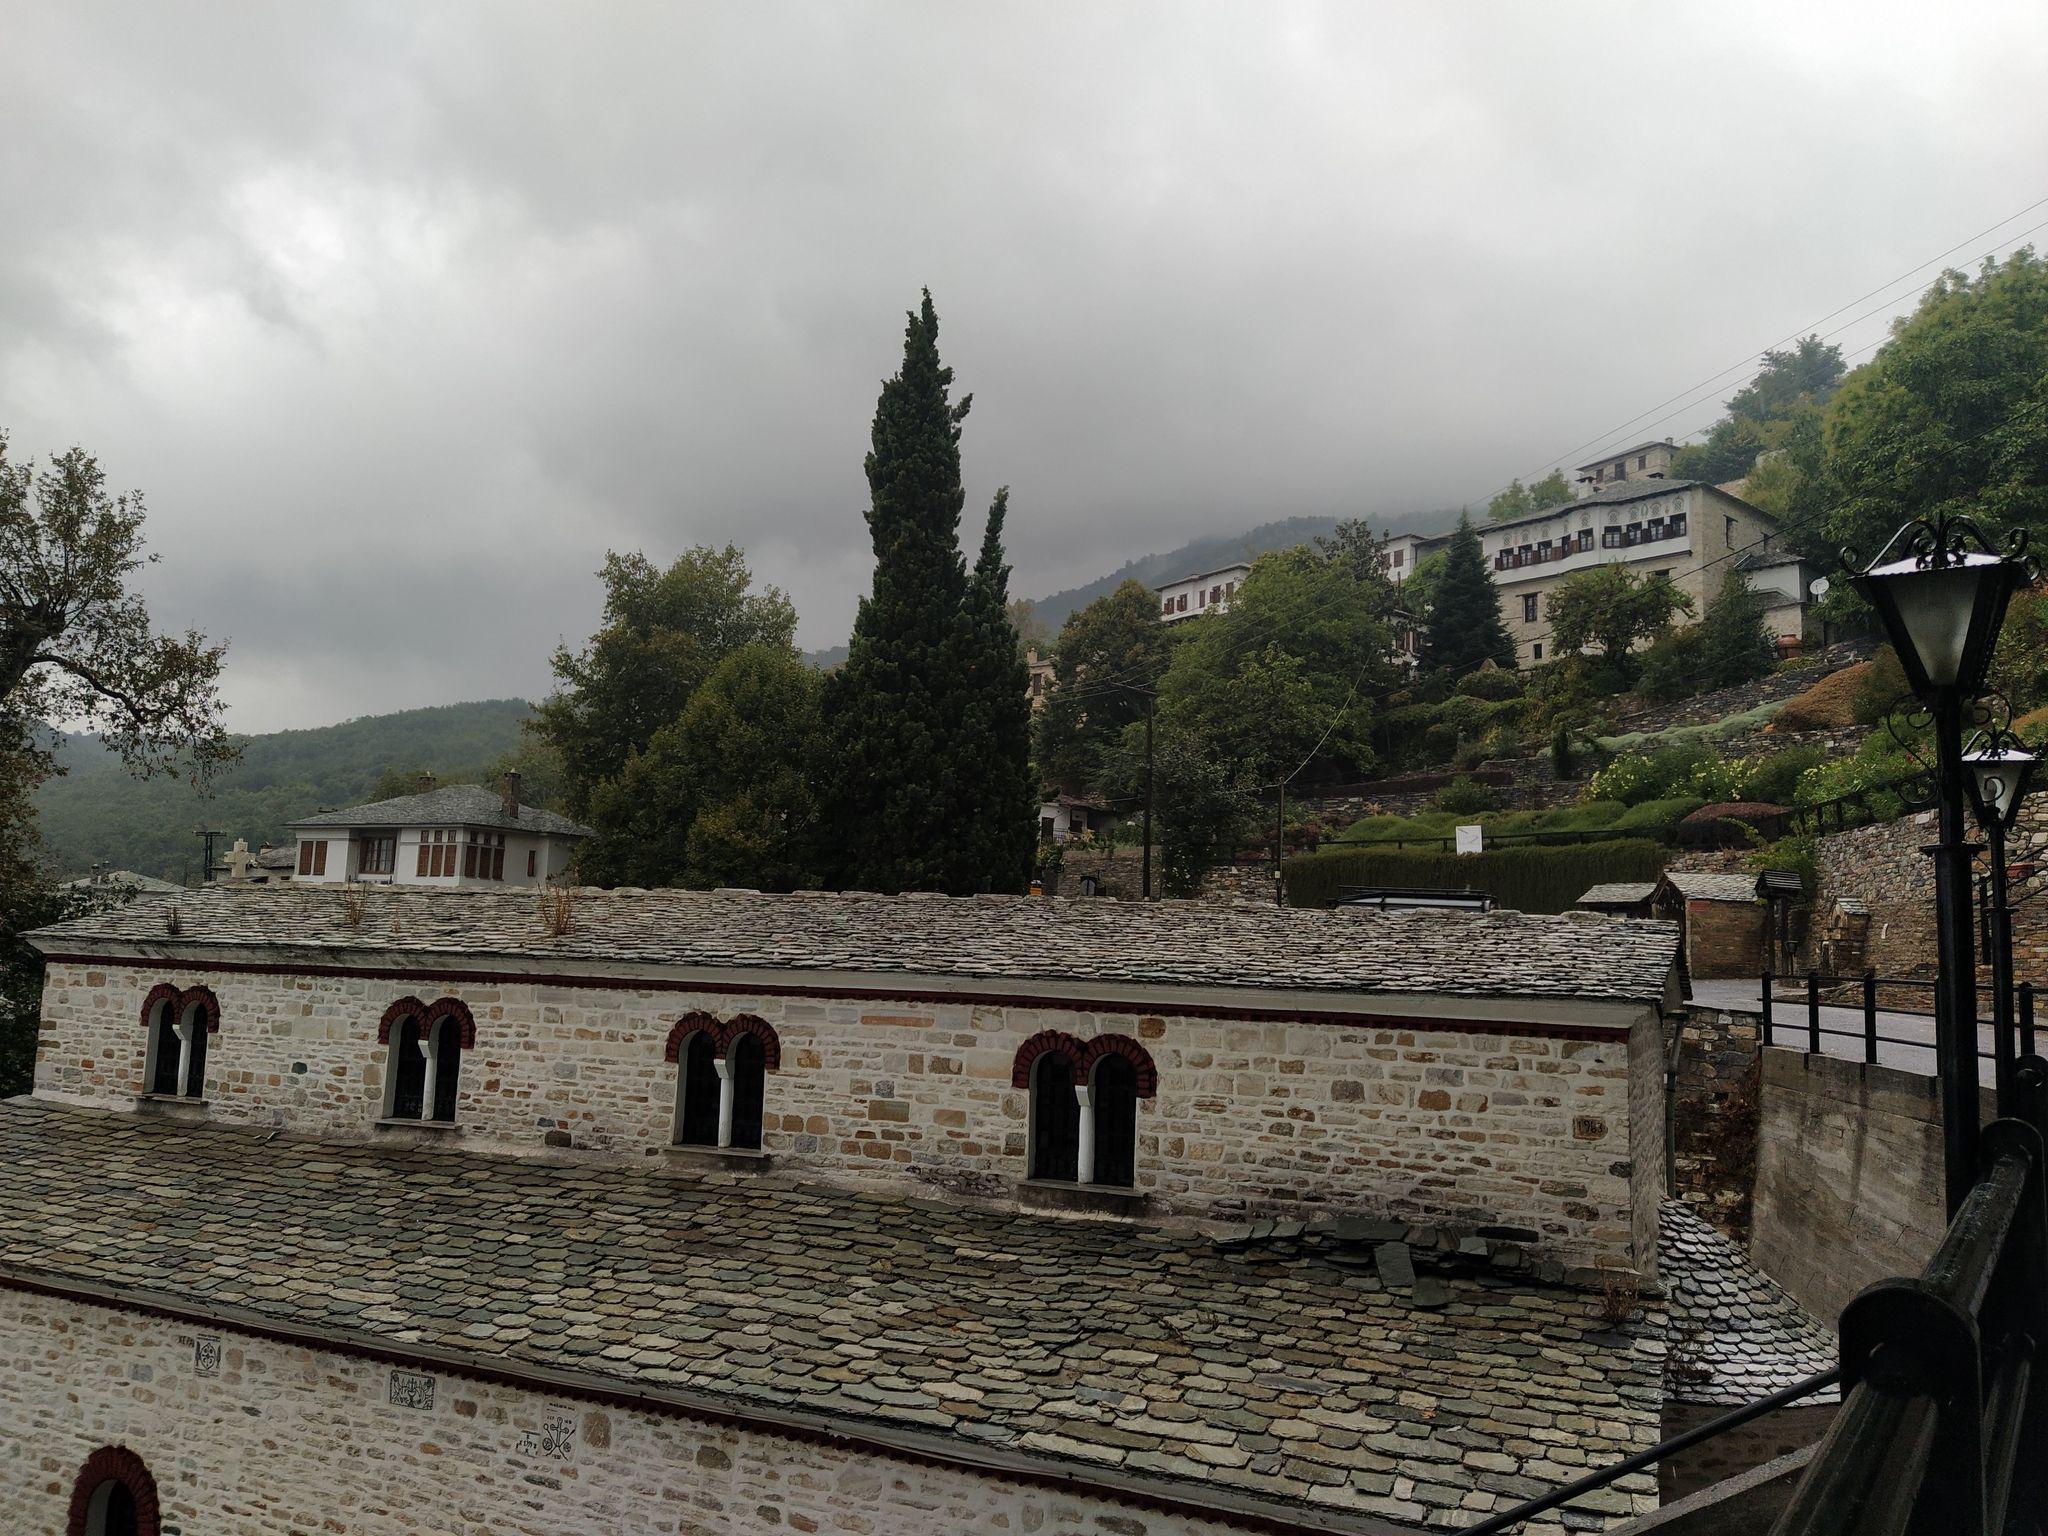 Църквата в село Пинакатес